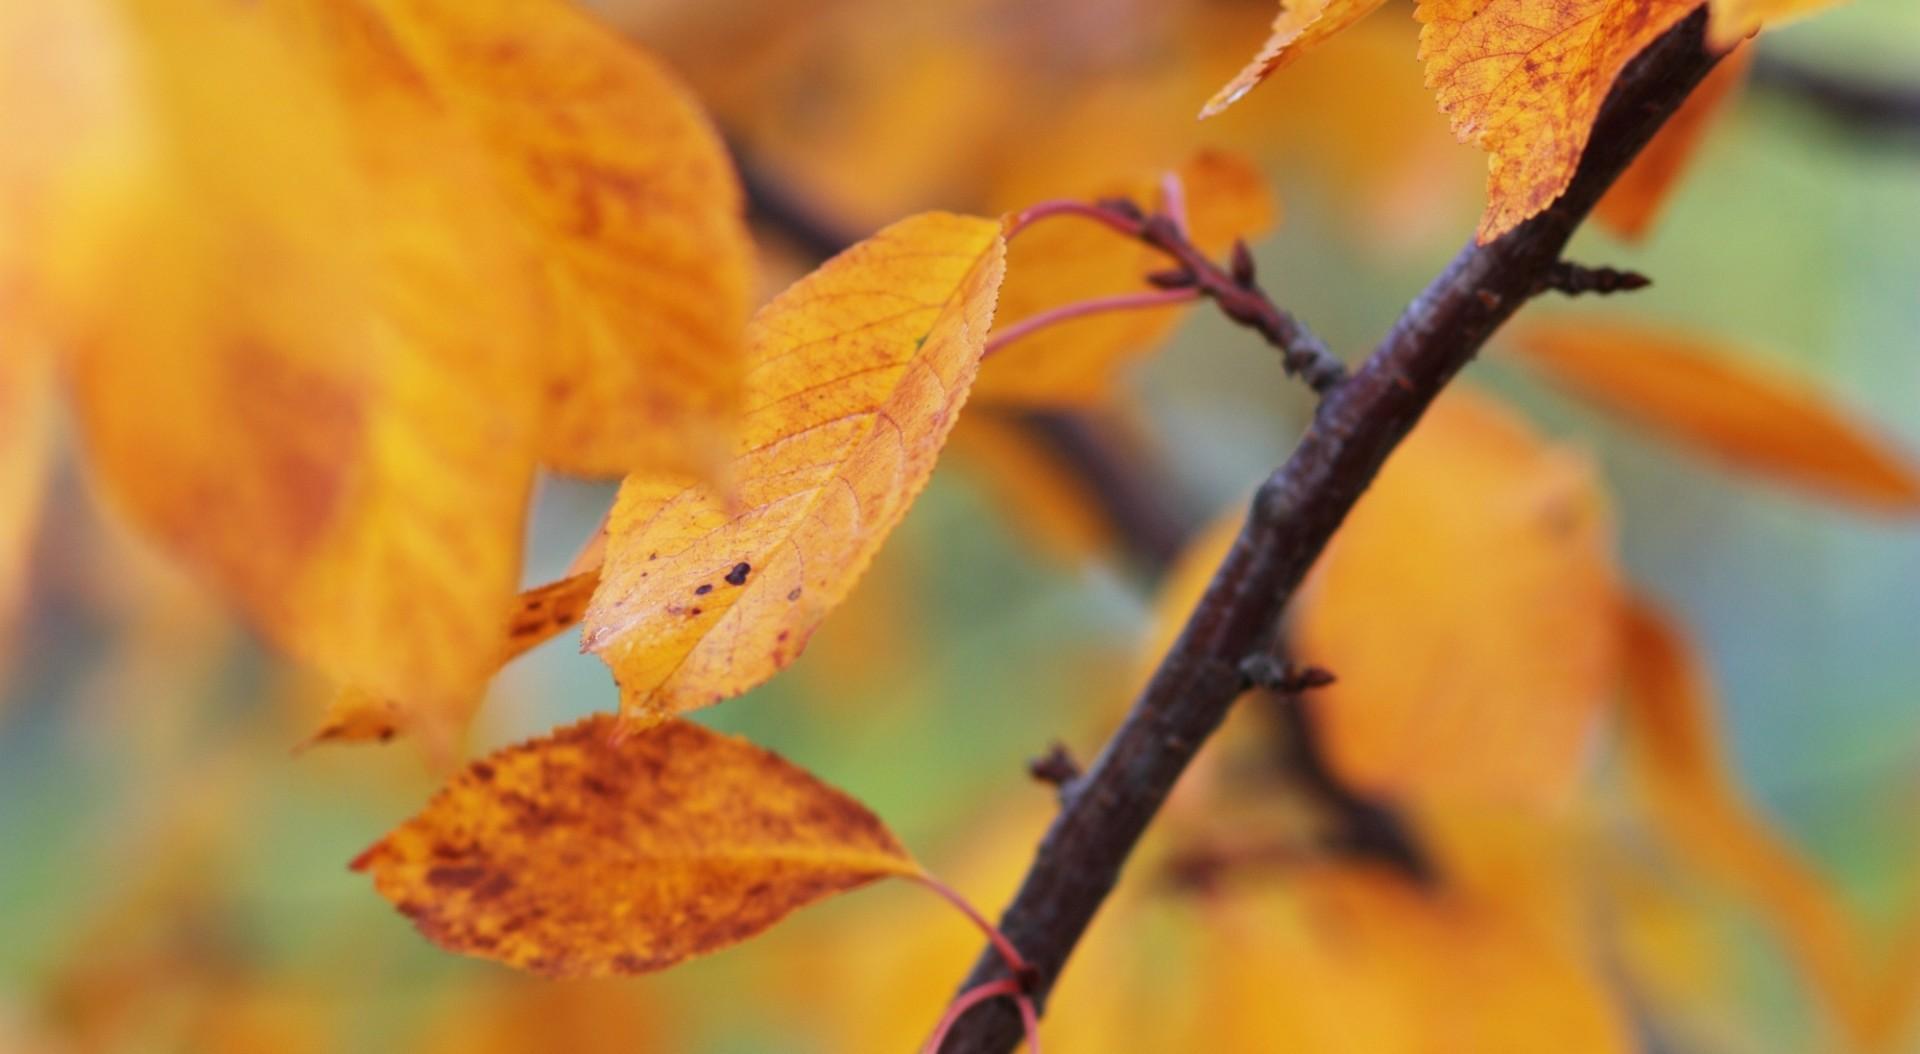 Őszi meggyfa